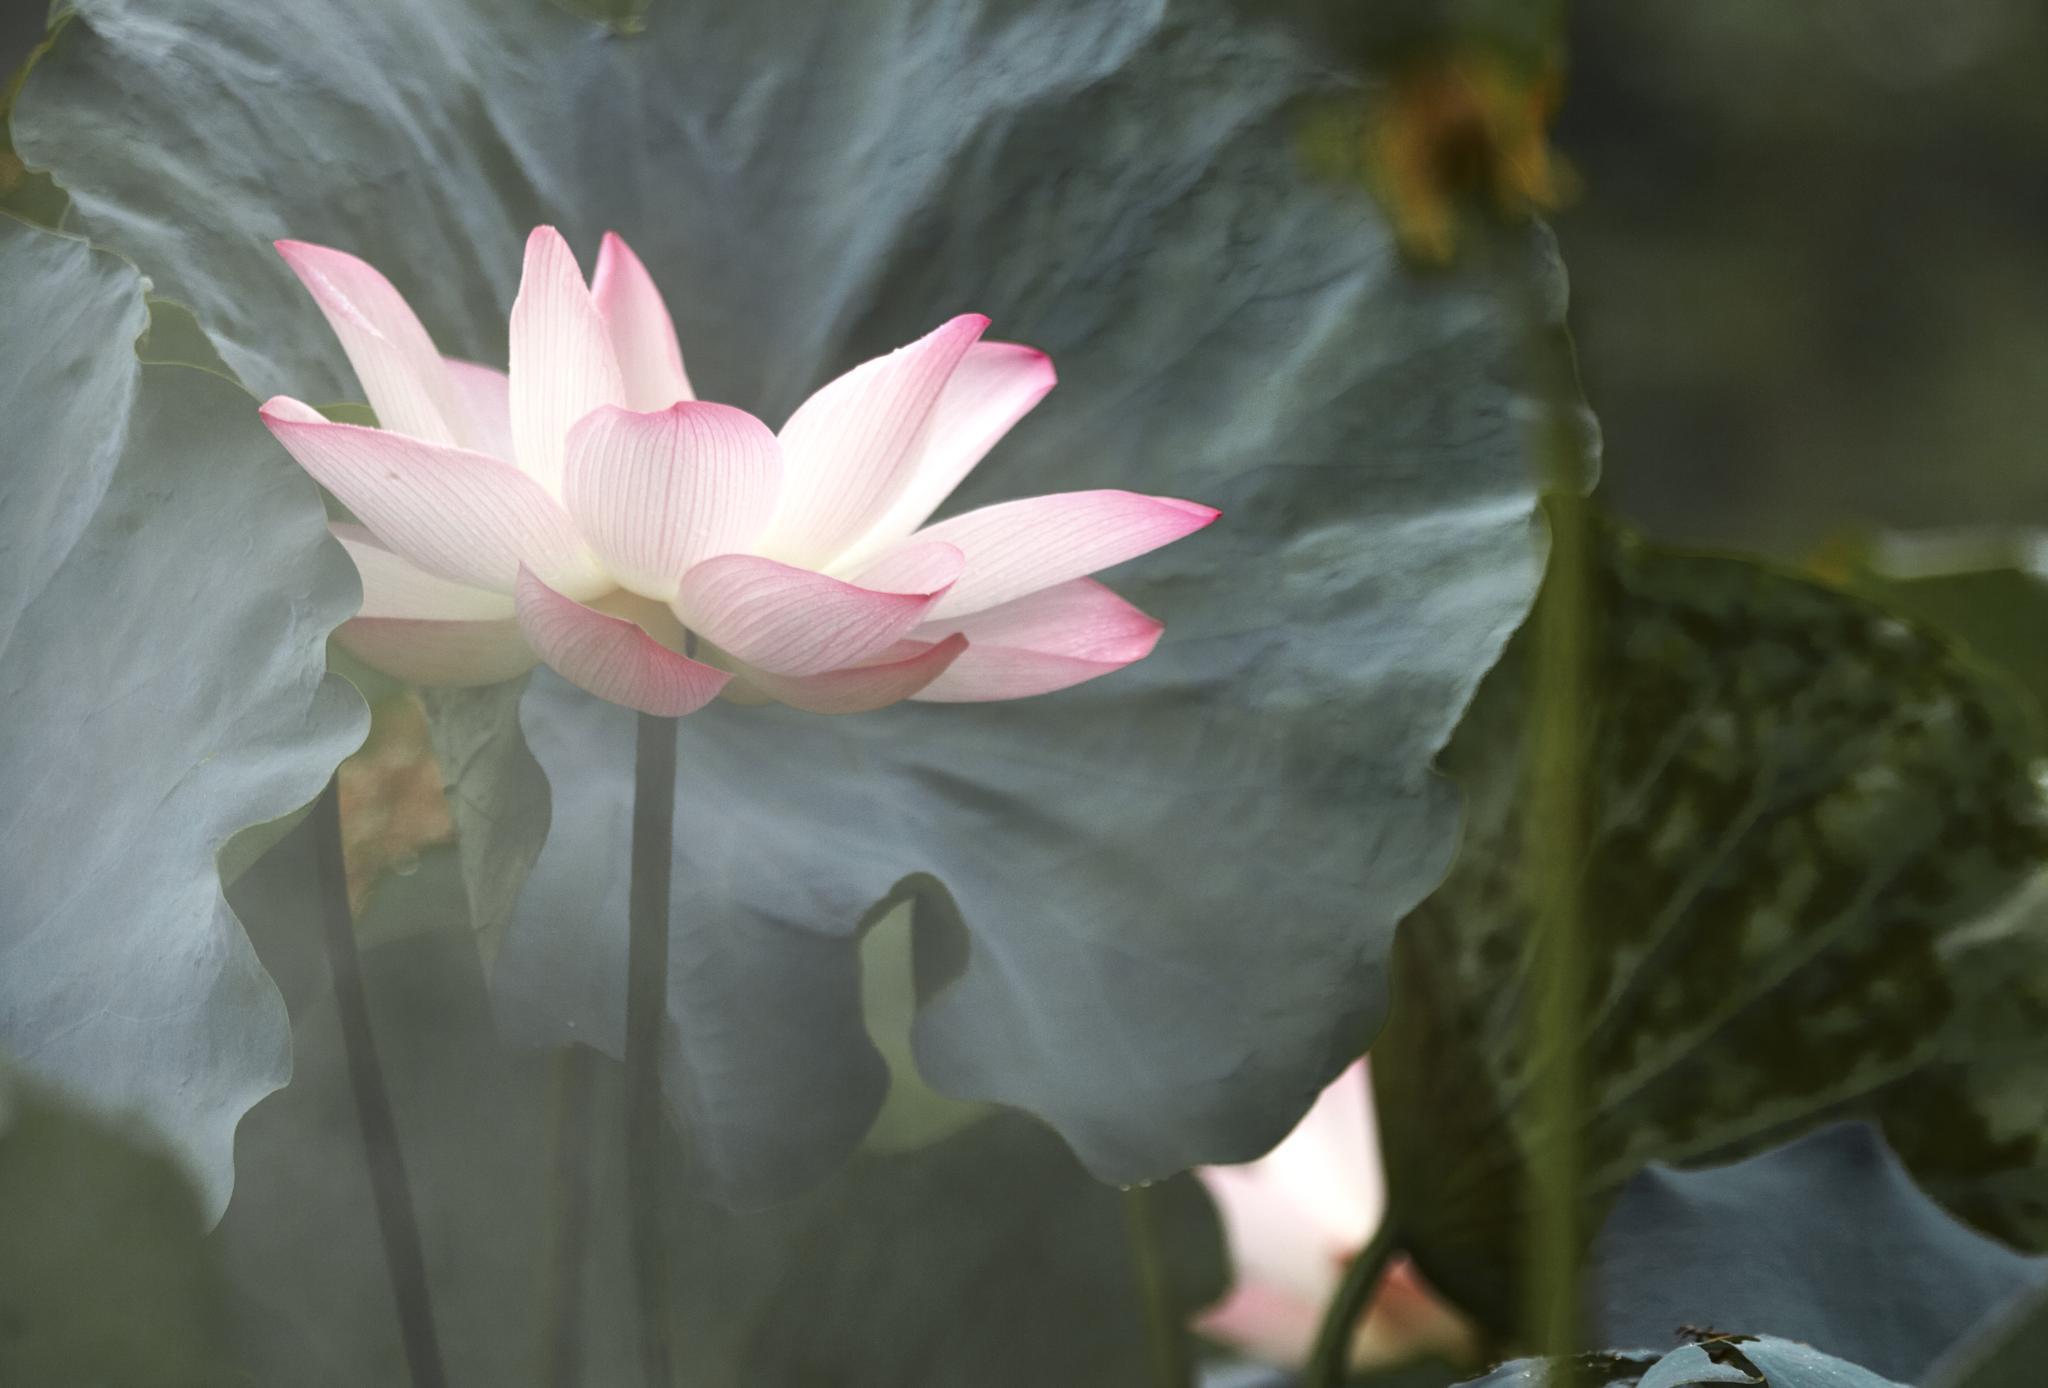 lotus in the mist 08 by PatrickLeeKKAh9